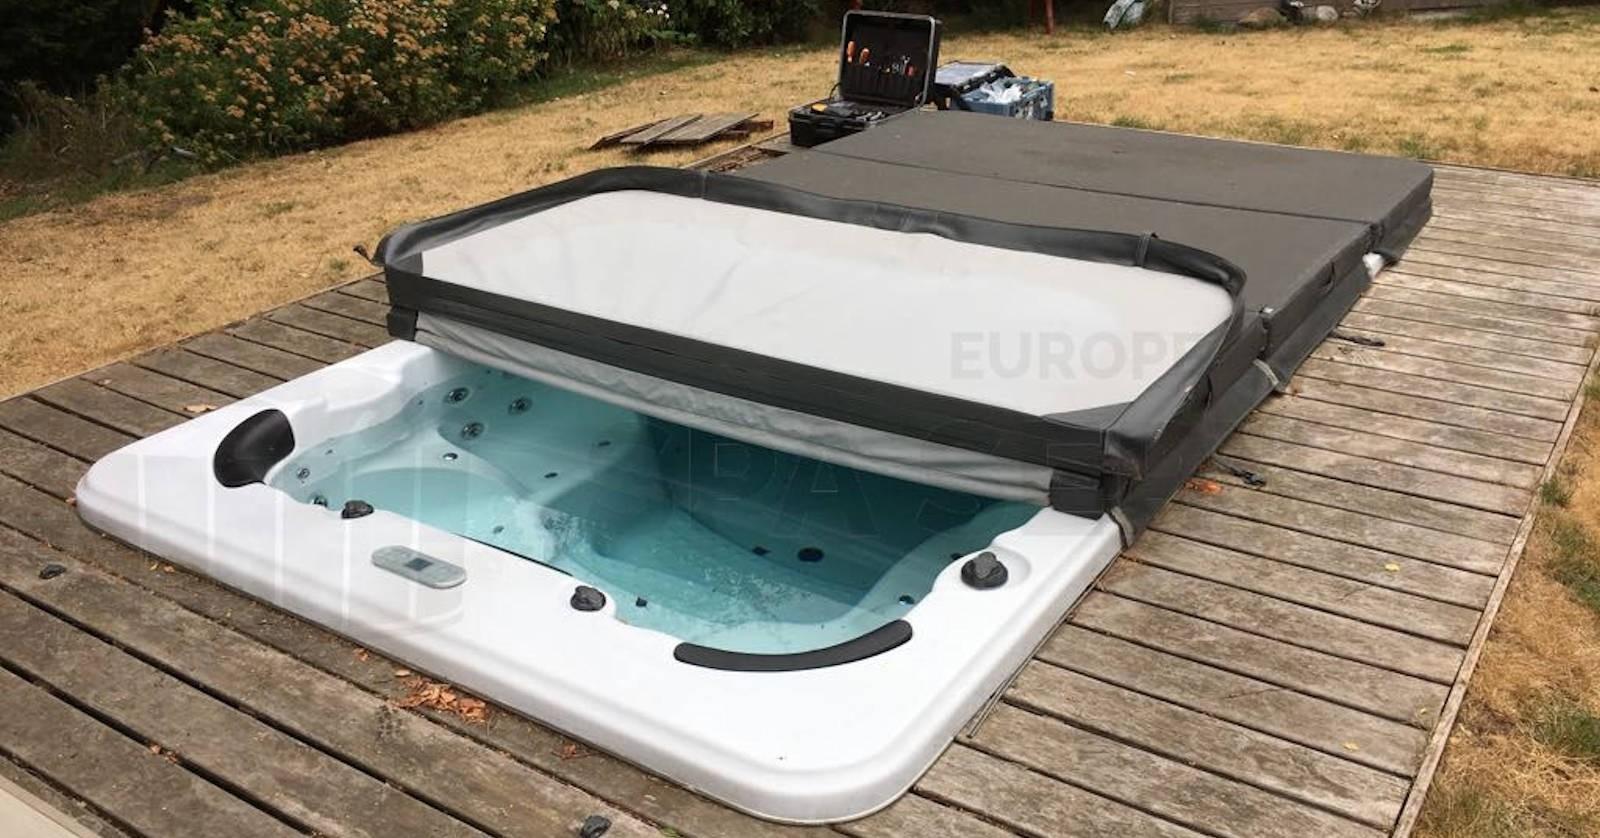 Reparatie besturing van een zwemspa in Zoersel België